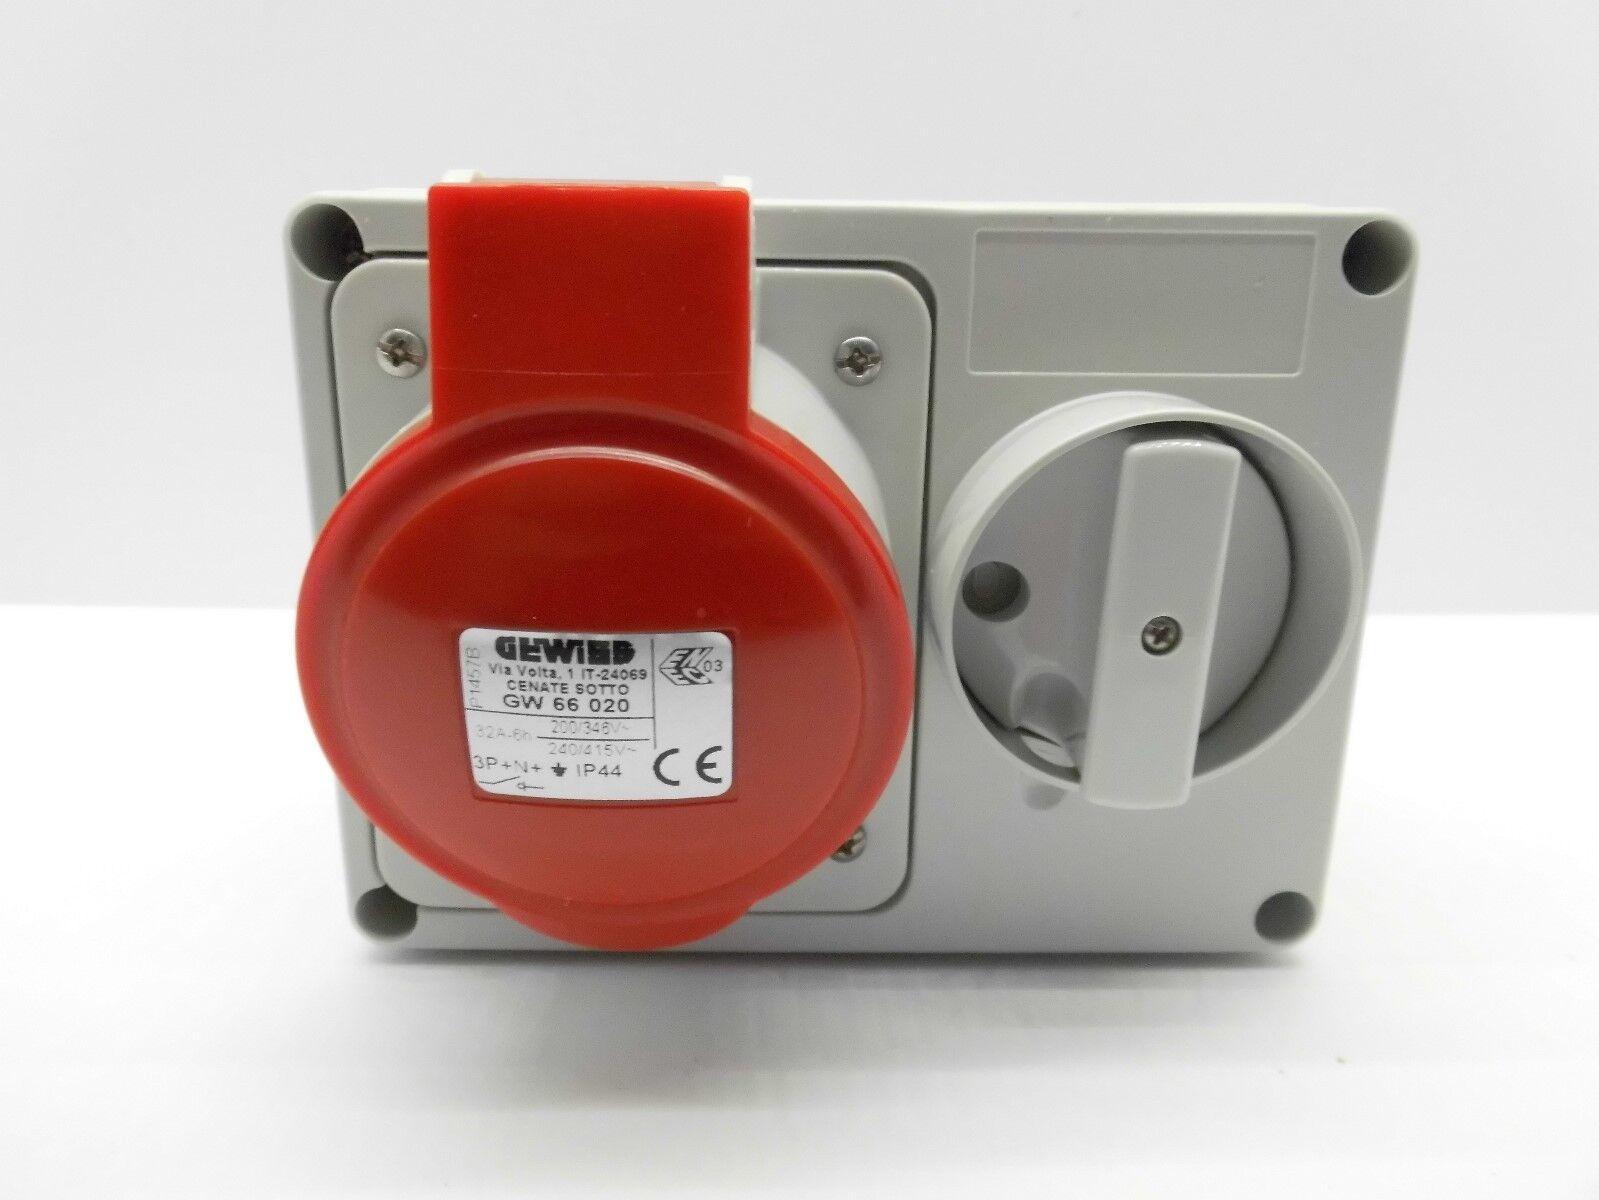 Gewiss 66020 32 Amp Interlock